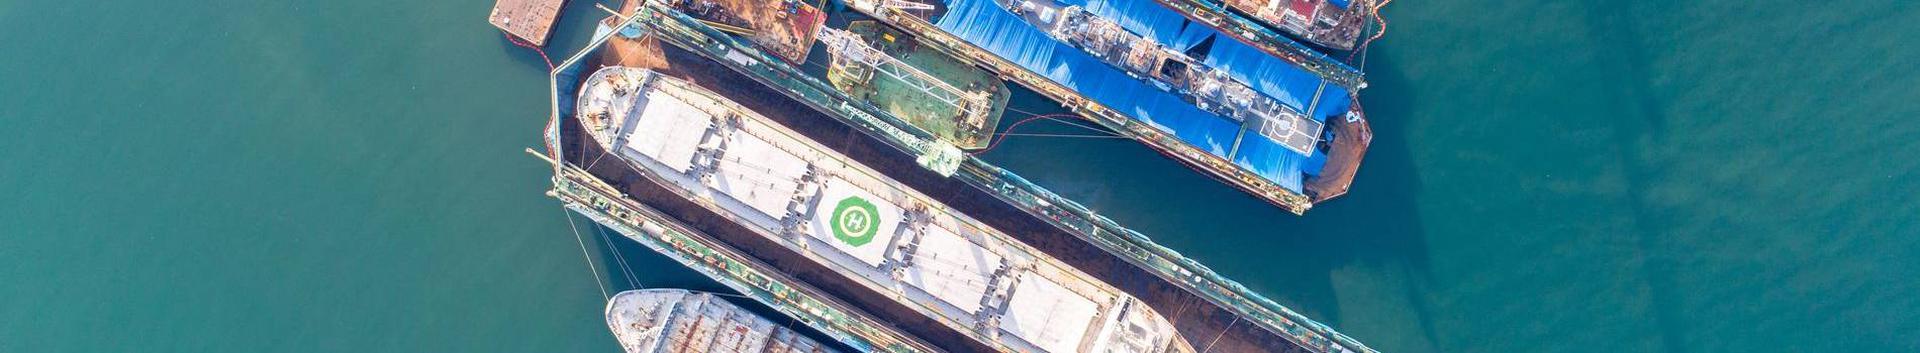 laevaehitus ja remont, metallitööd, metallitööstus, metallitöötlus, metallkonstruktsioonid, sadamad, transpordivahendid, tavalisest metallist kaubad, metallmahutid, metallväravad